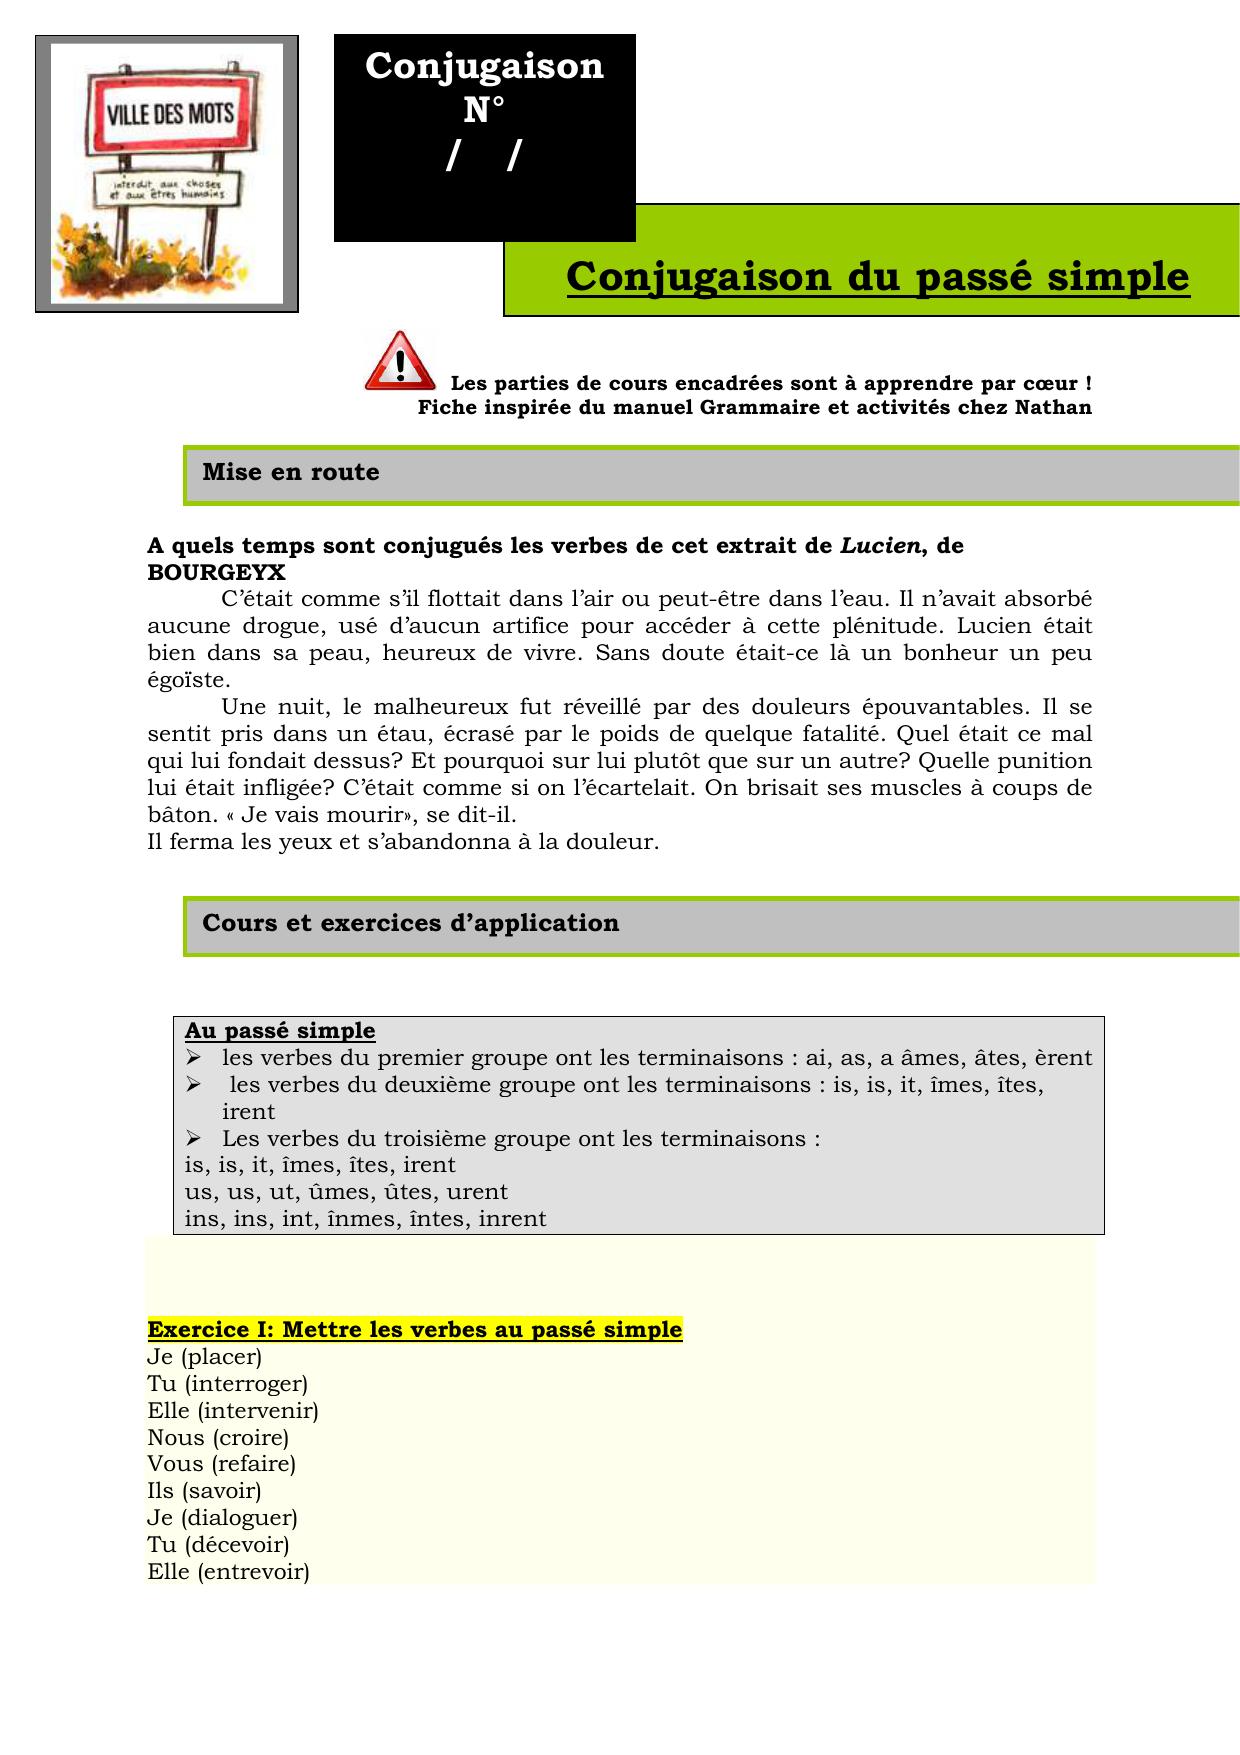 Conjugaison Du Passe Simple